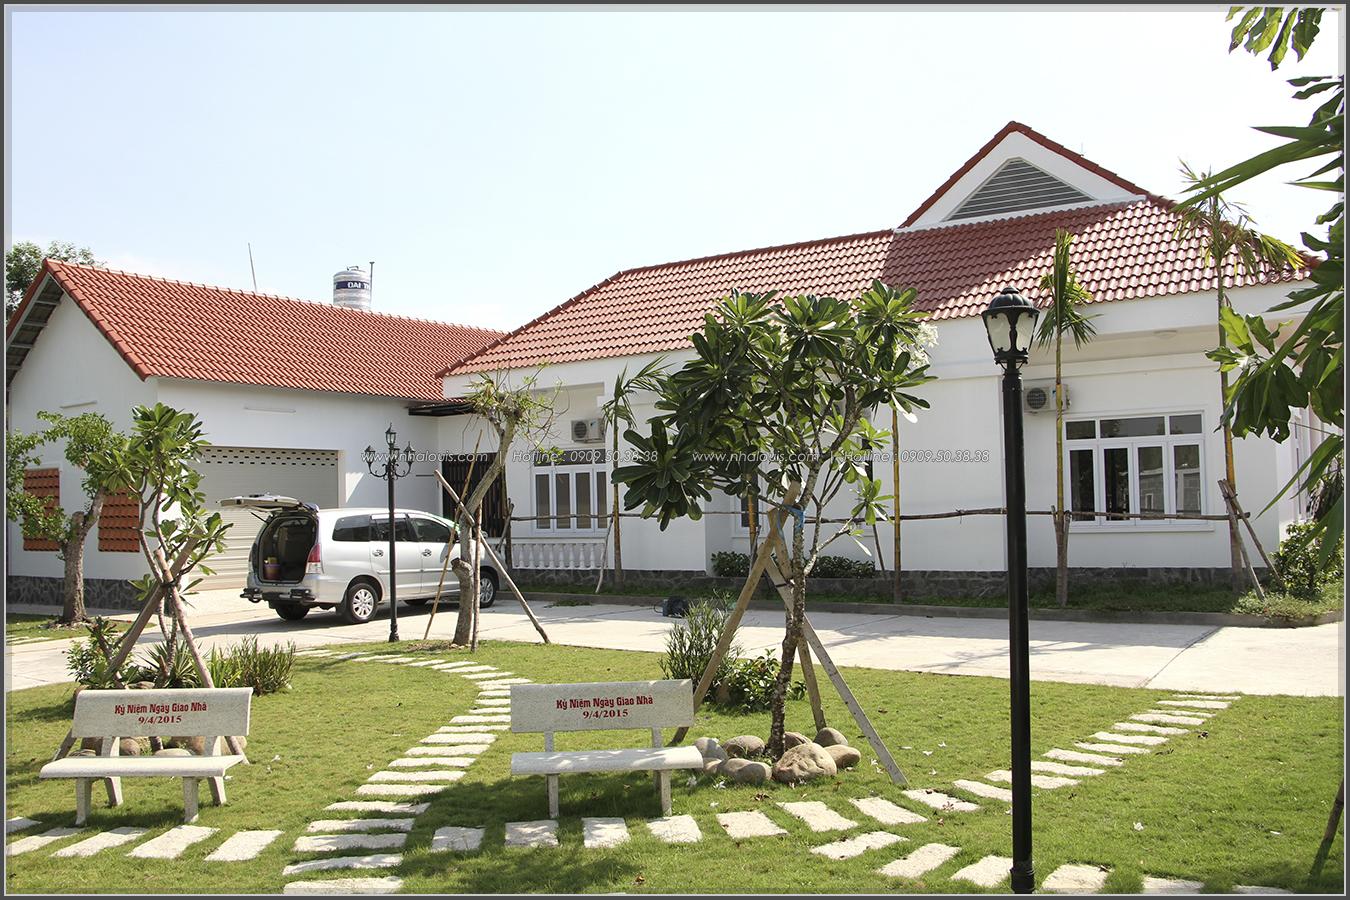 Thi công xây dựng biệt thự sân vườn đẹp hiện đại tại Củ Chi